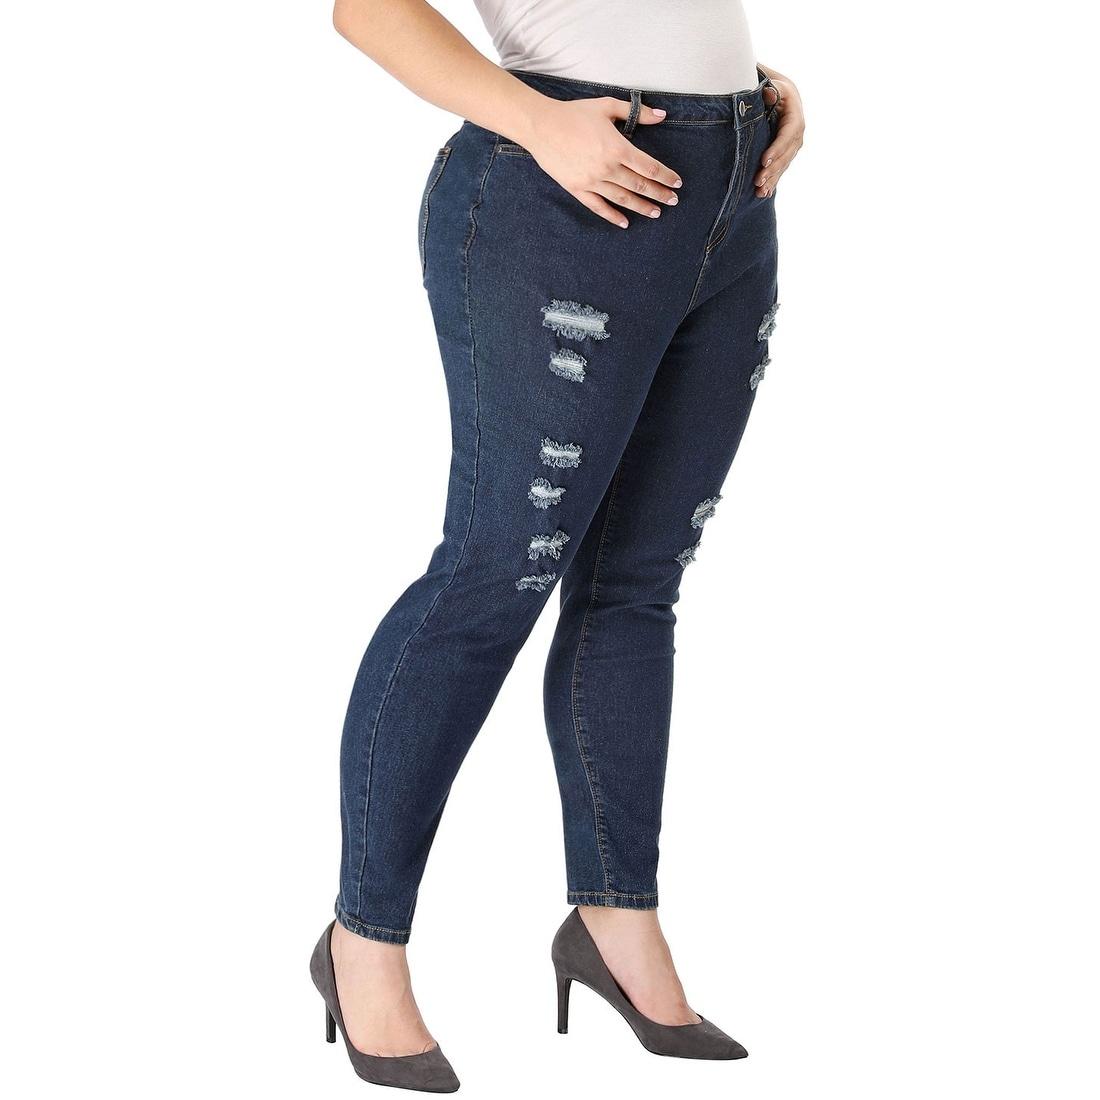 Ladies Womens Black 3//4 Length Jeans Trouers Skinny Leg Jean Belt Loops Zip Fly